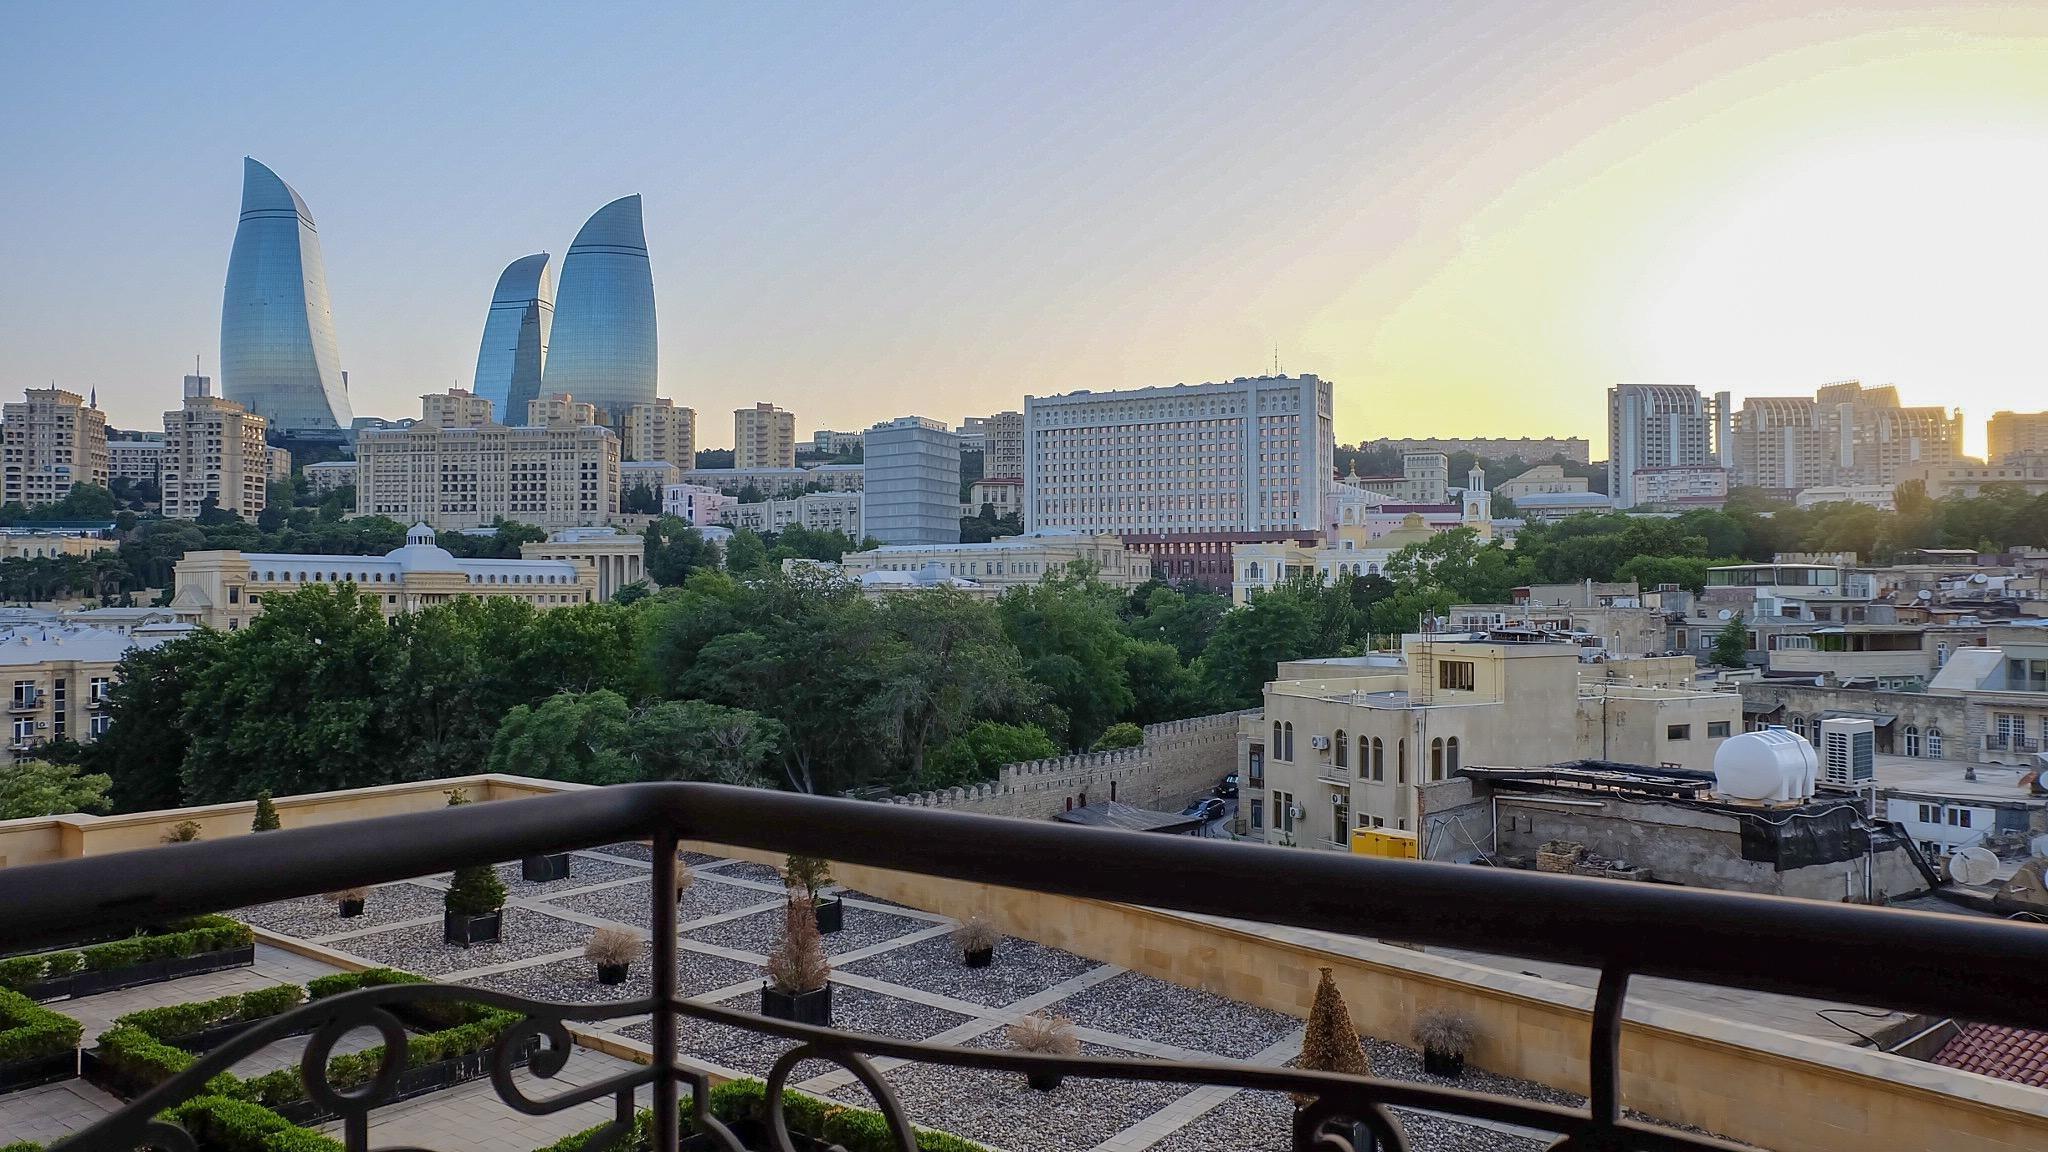 一篇文章告诉你,阿塞拜疆该怎么玩!